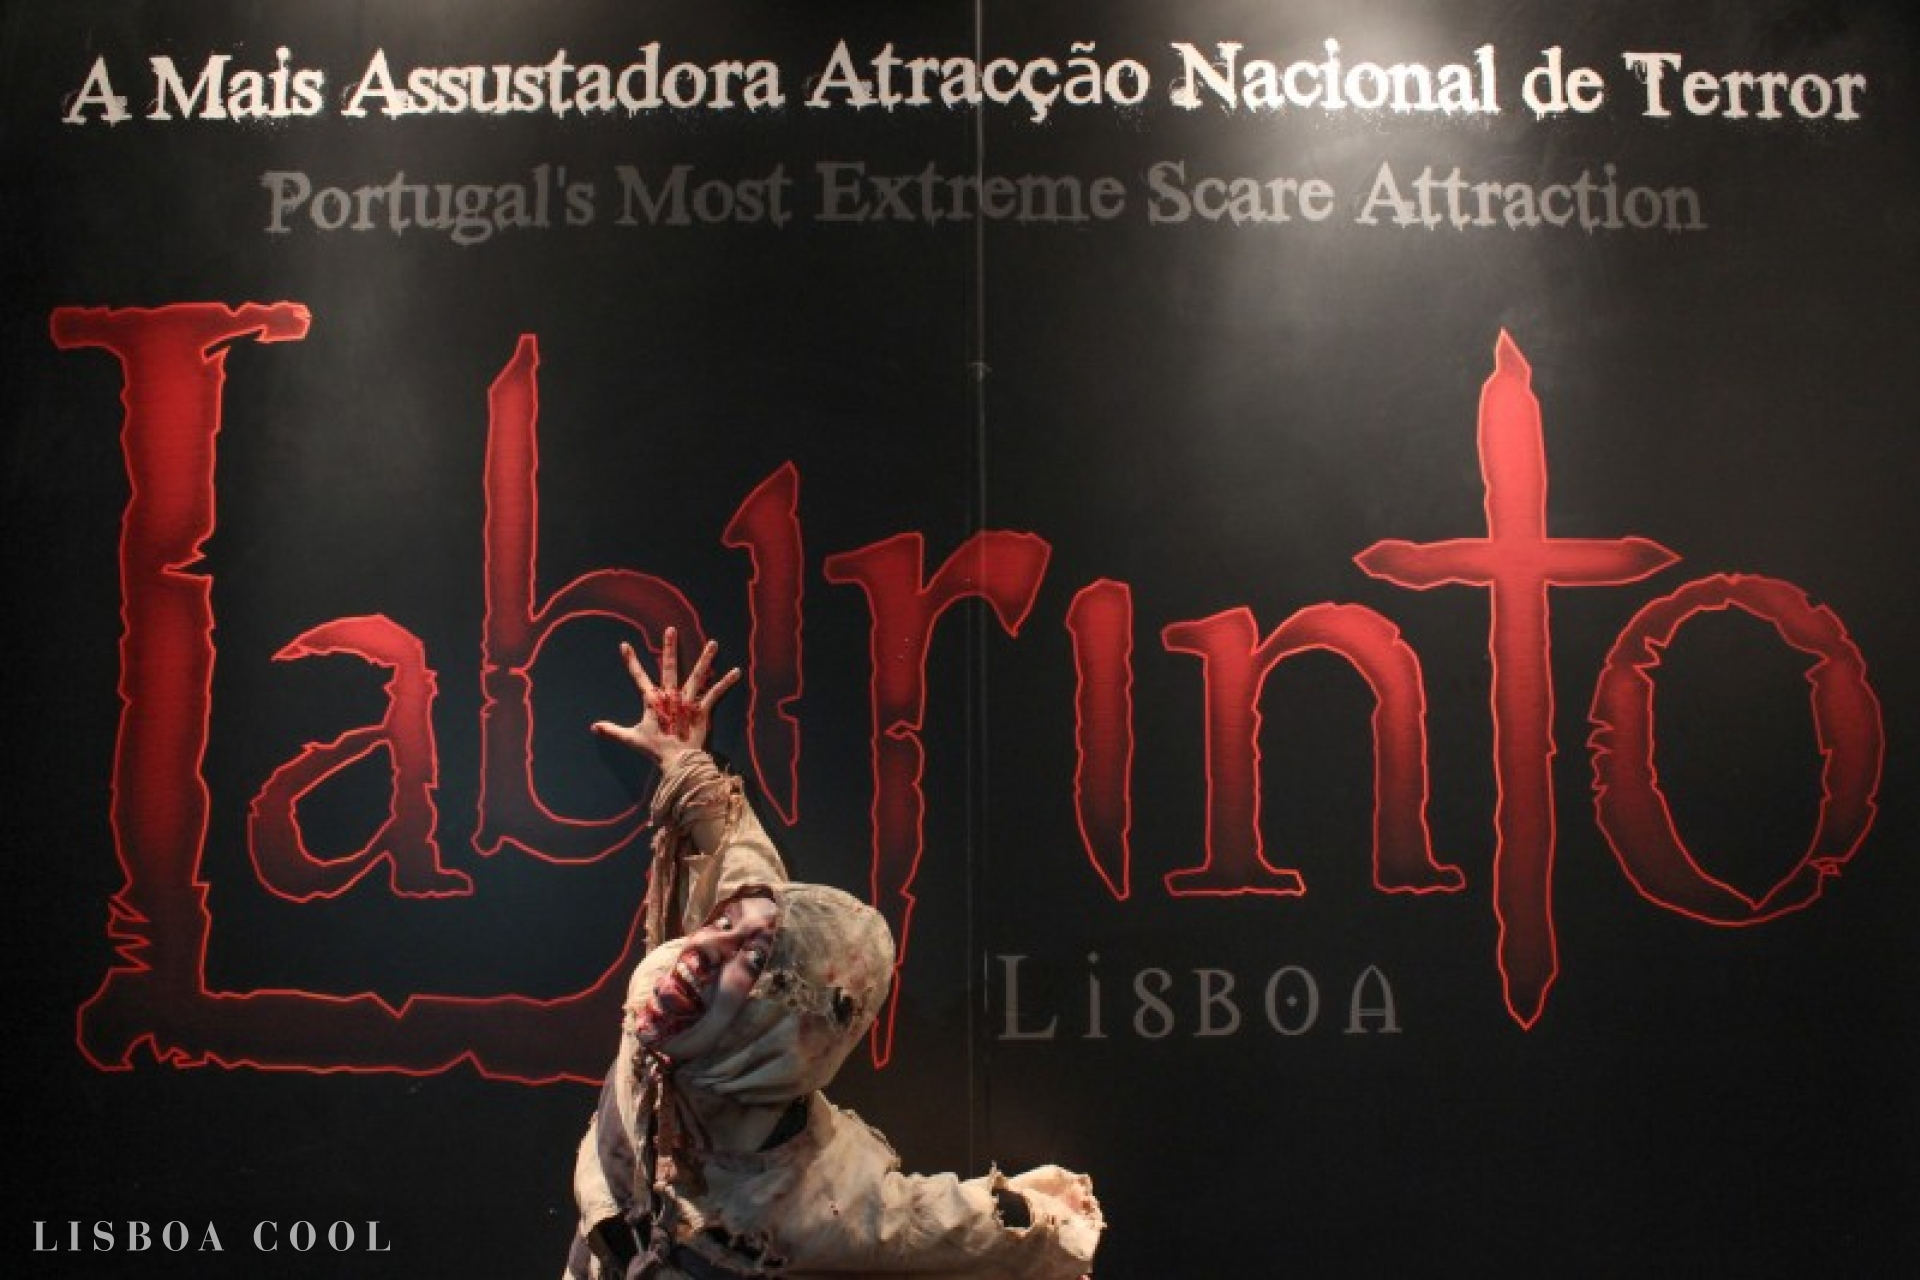 LisboaCool_Visitar_Labirinto Lisboa